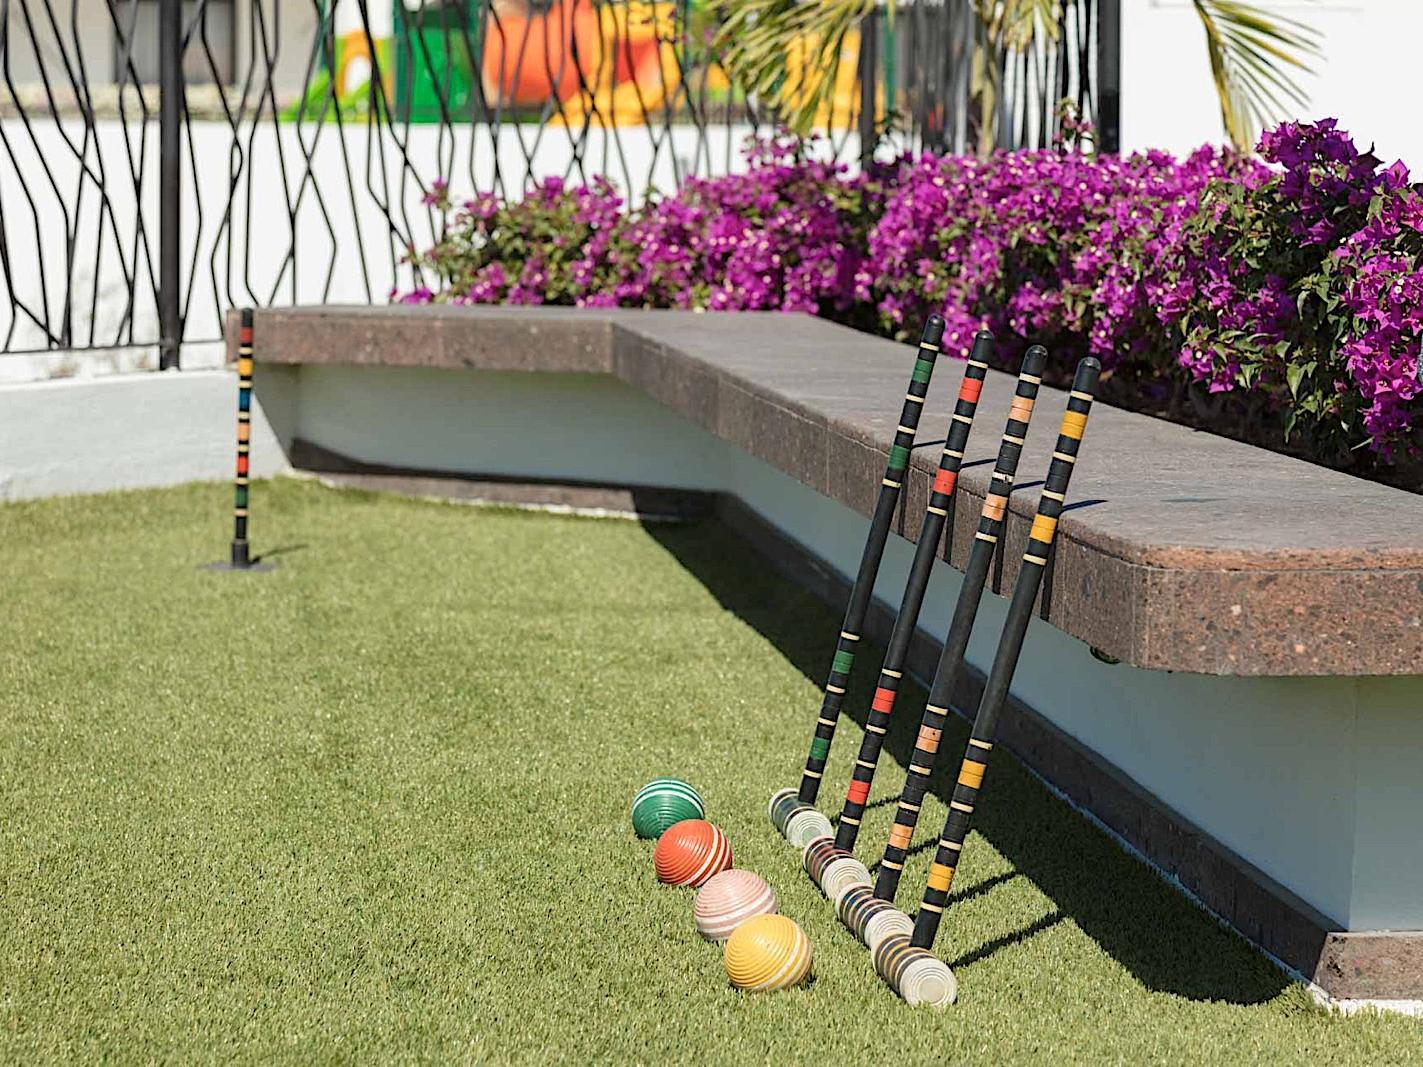 Juego de croquet